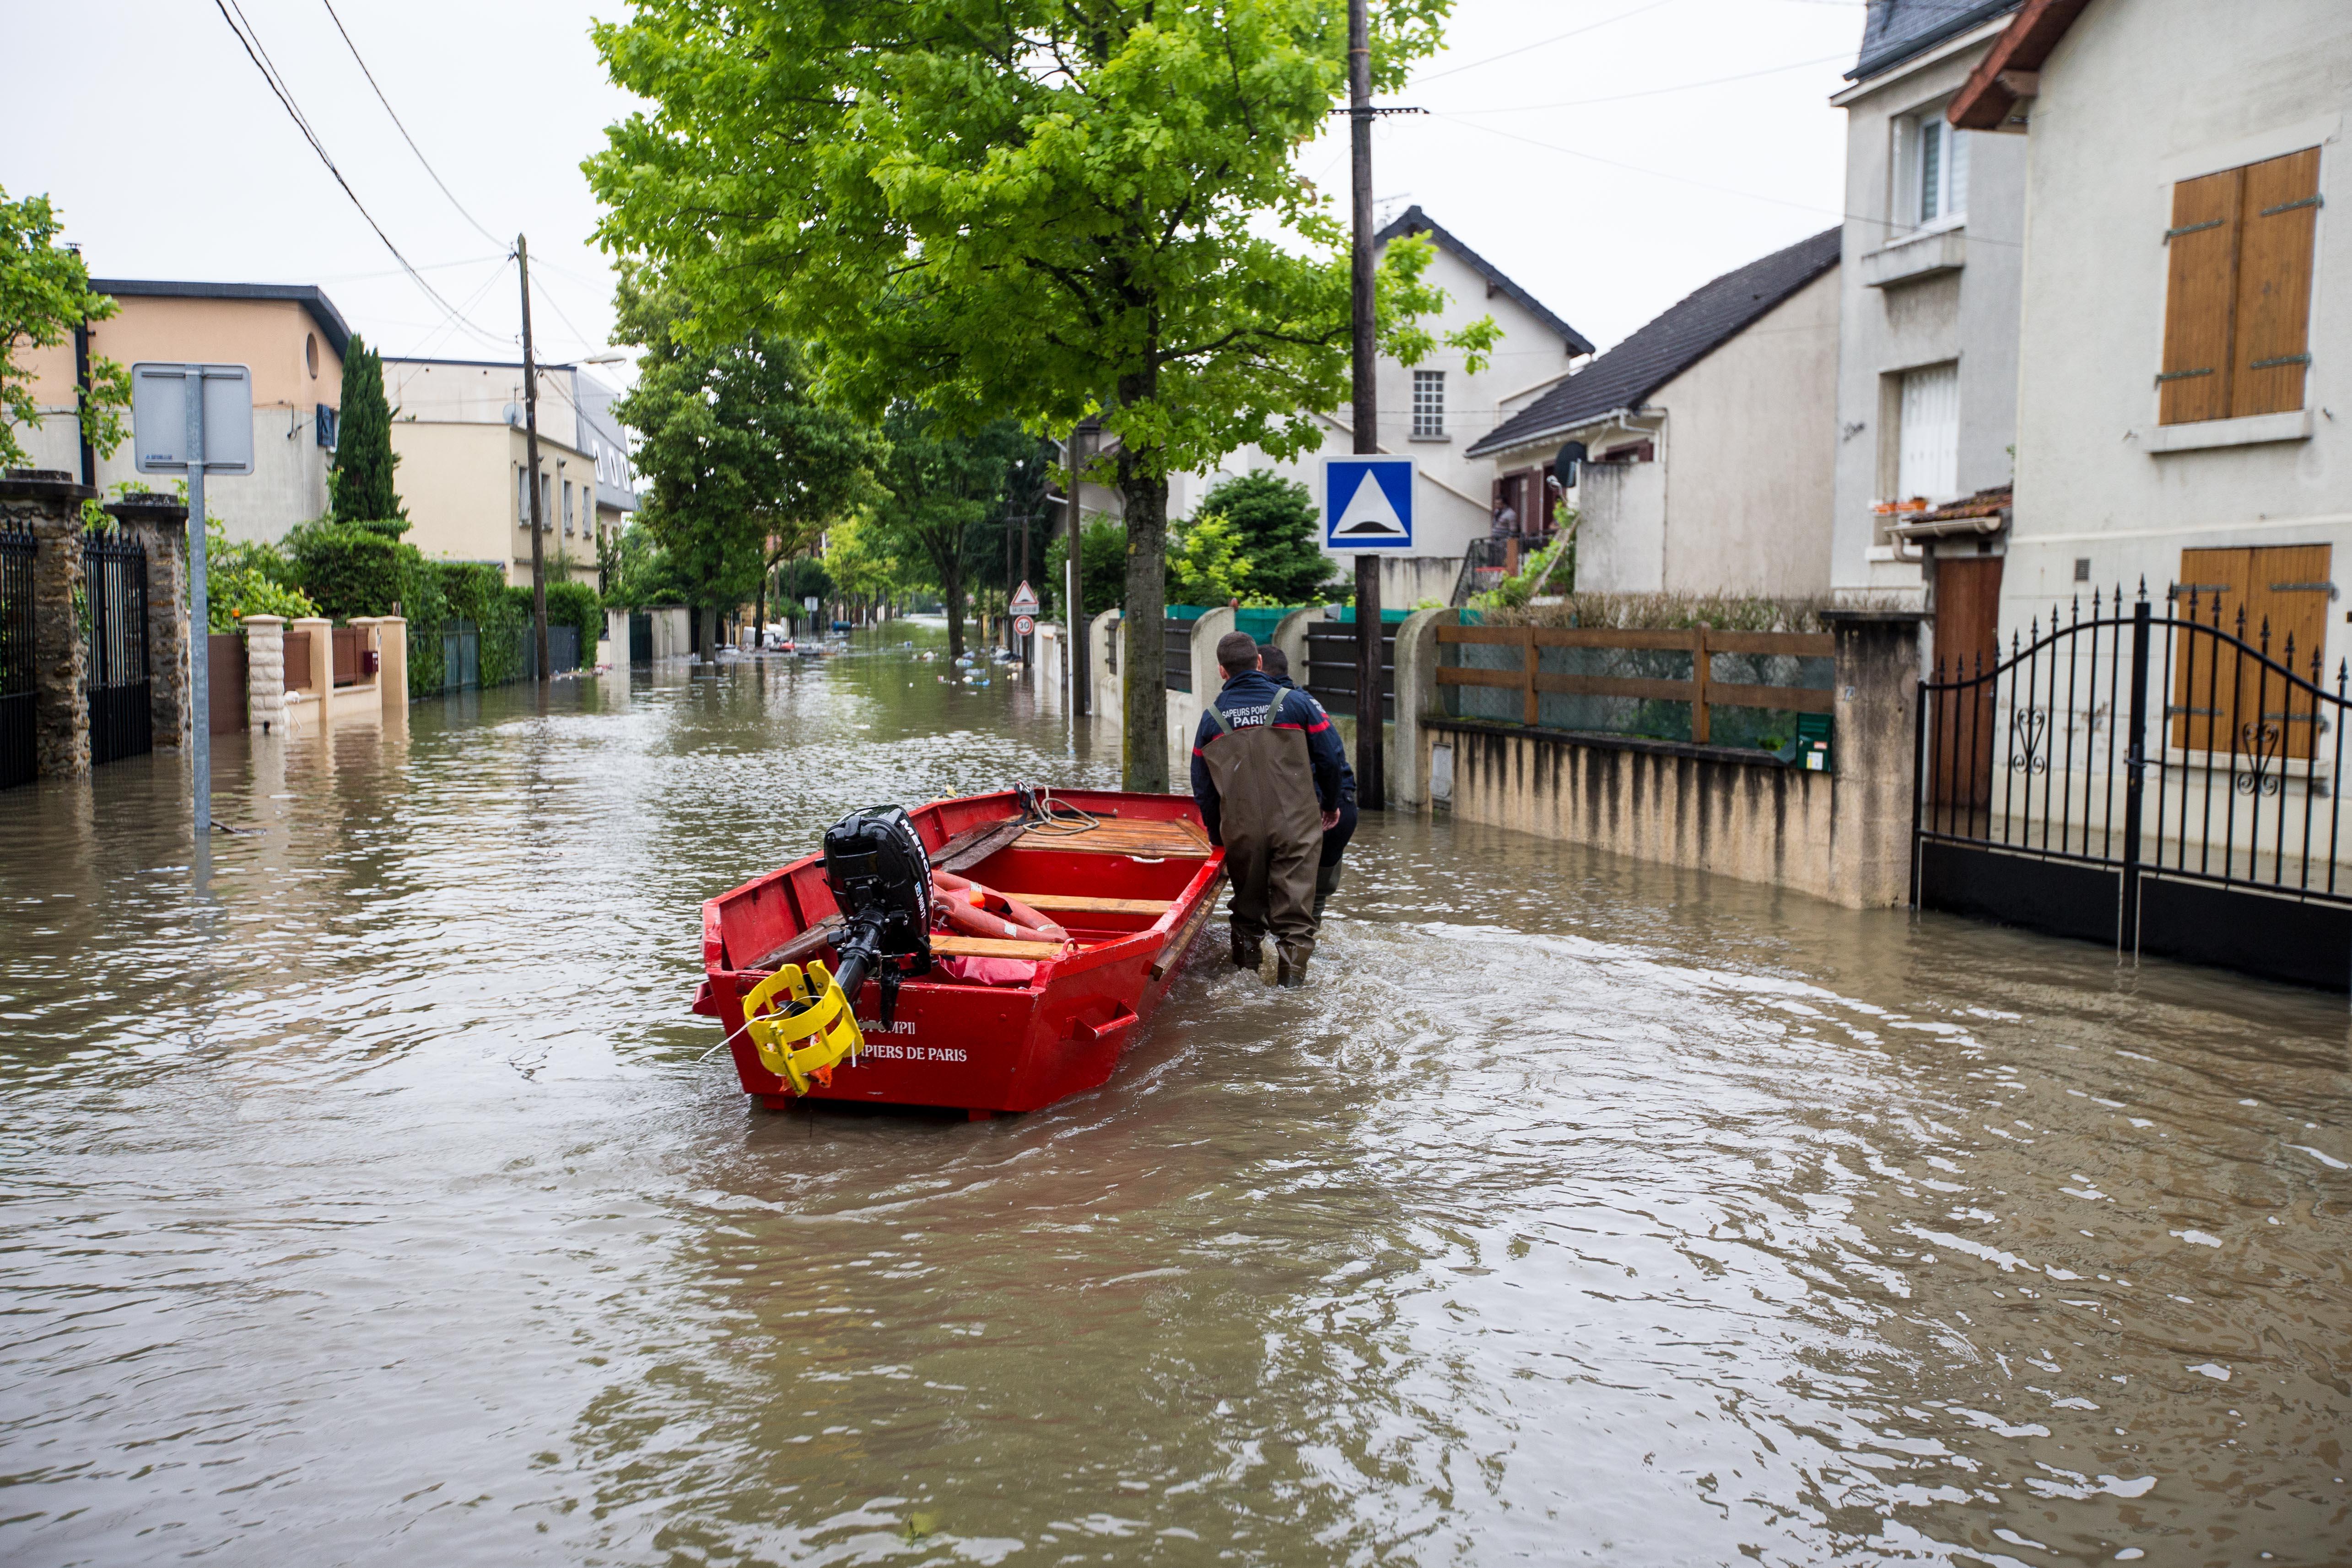 Pompiers de Paris Villeneuve Saint Georges Juin 2016 Photo Mickael Lefevre 8